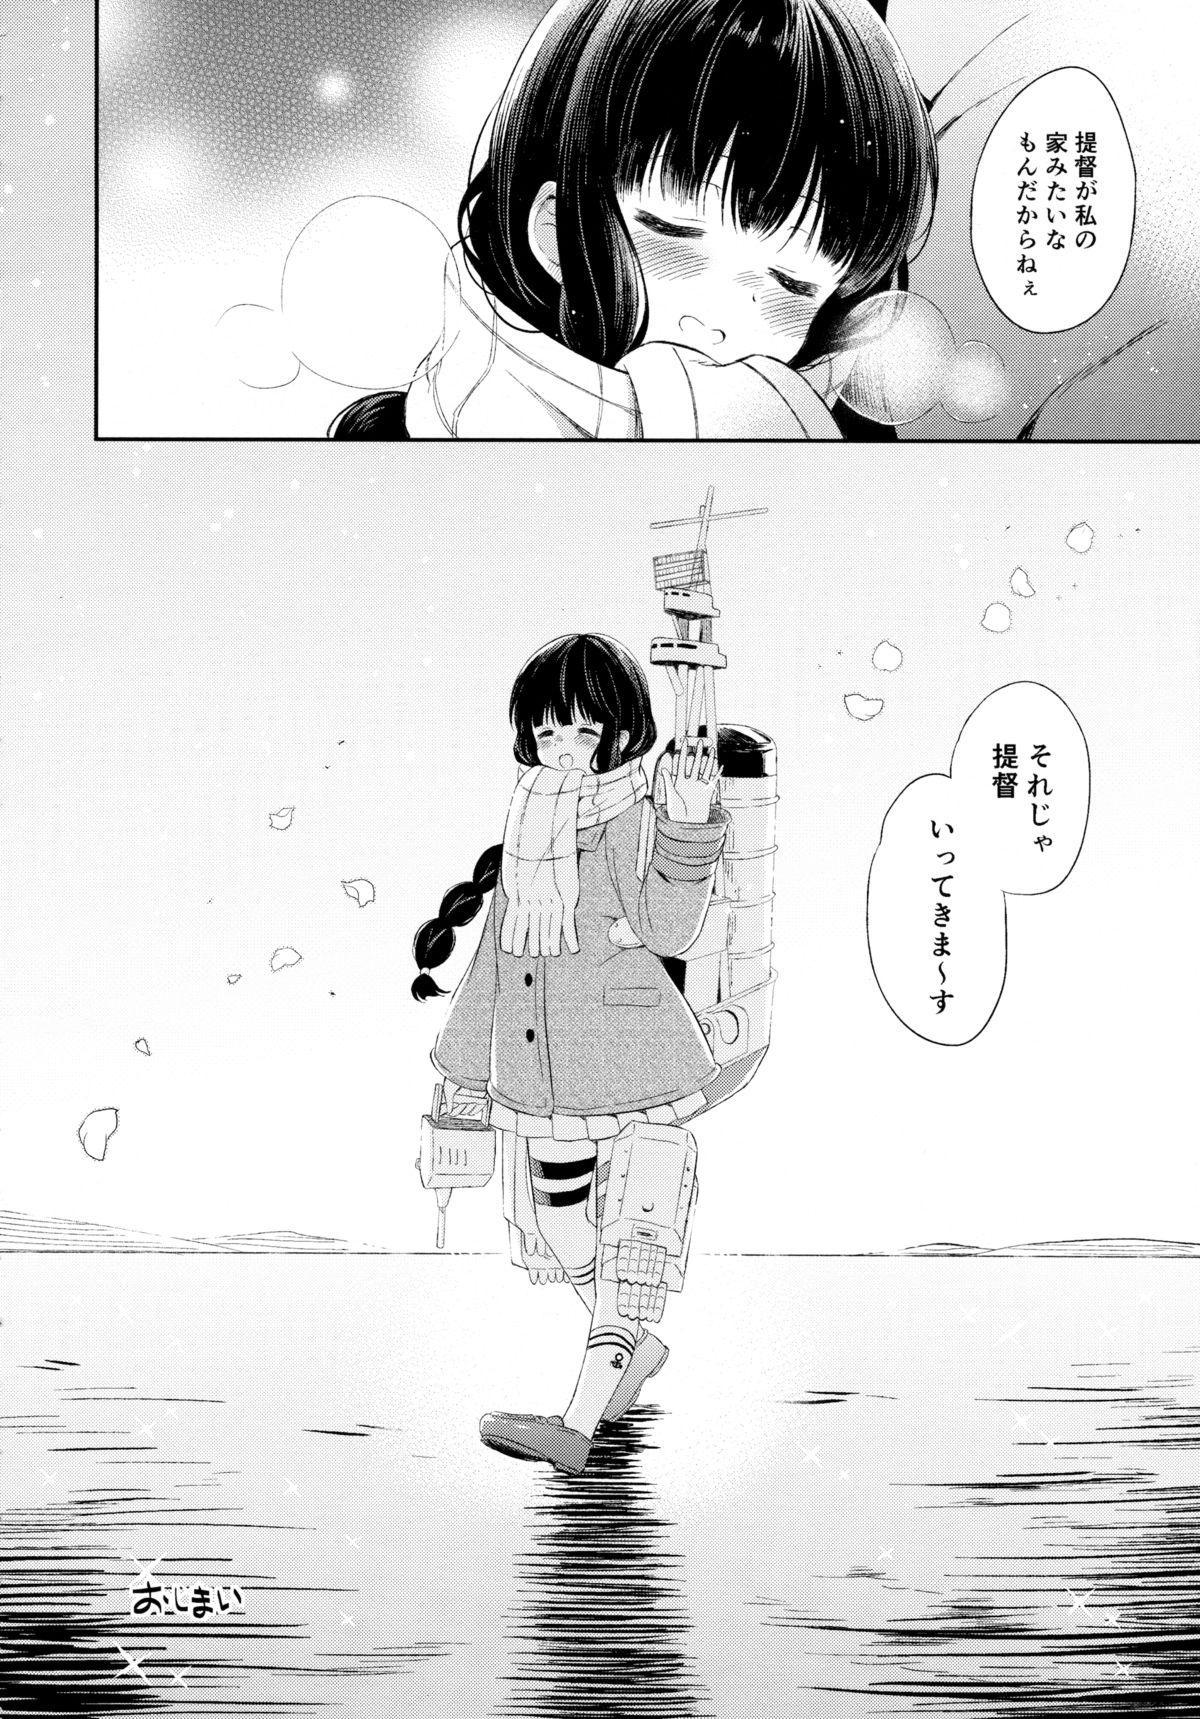 Kitakami-san to Teitoku ga Zutto Issho ni Kurasu Ohanashi. 30